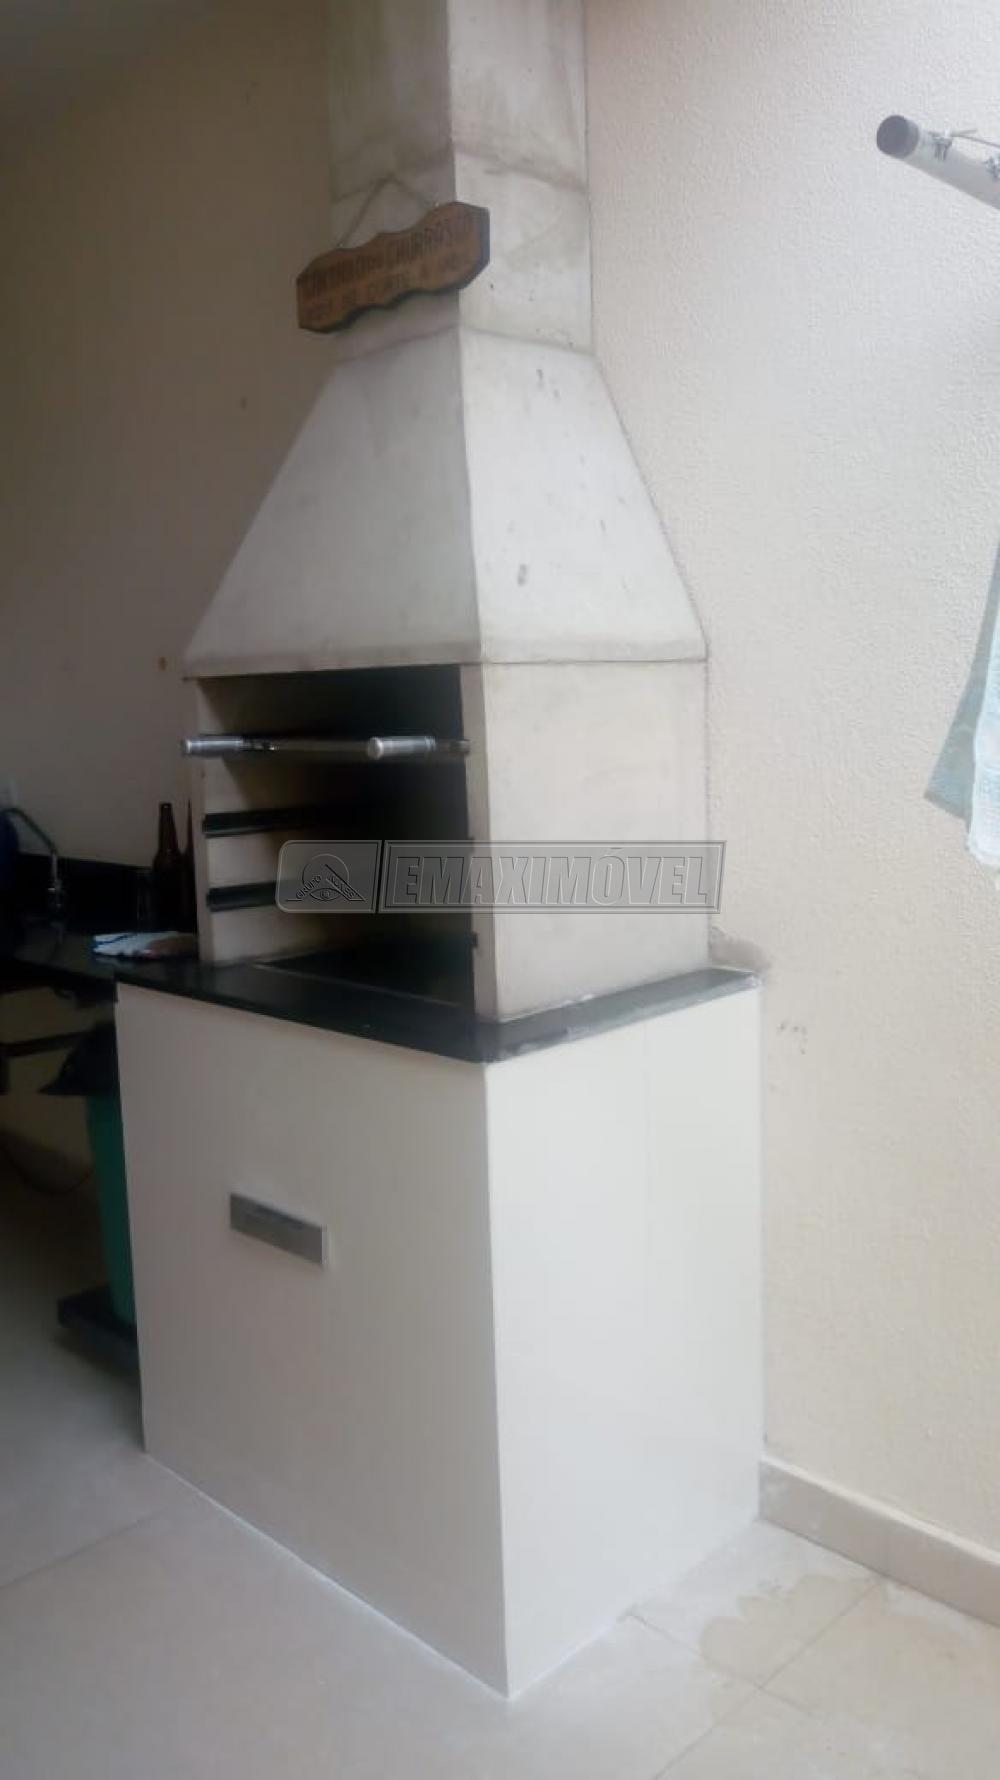 Comprar Casas / em Bairros em Sorocaba apenas R$ 350.000,00 - Foto 8